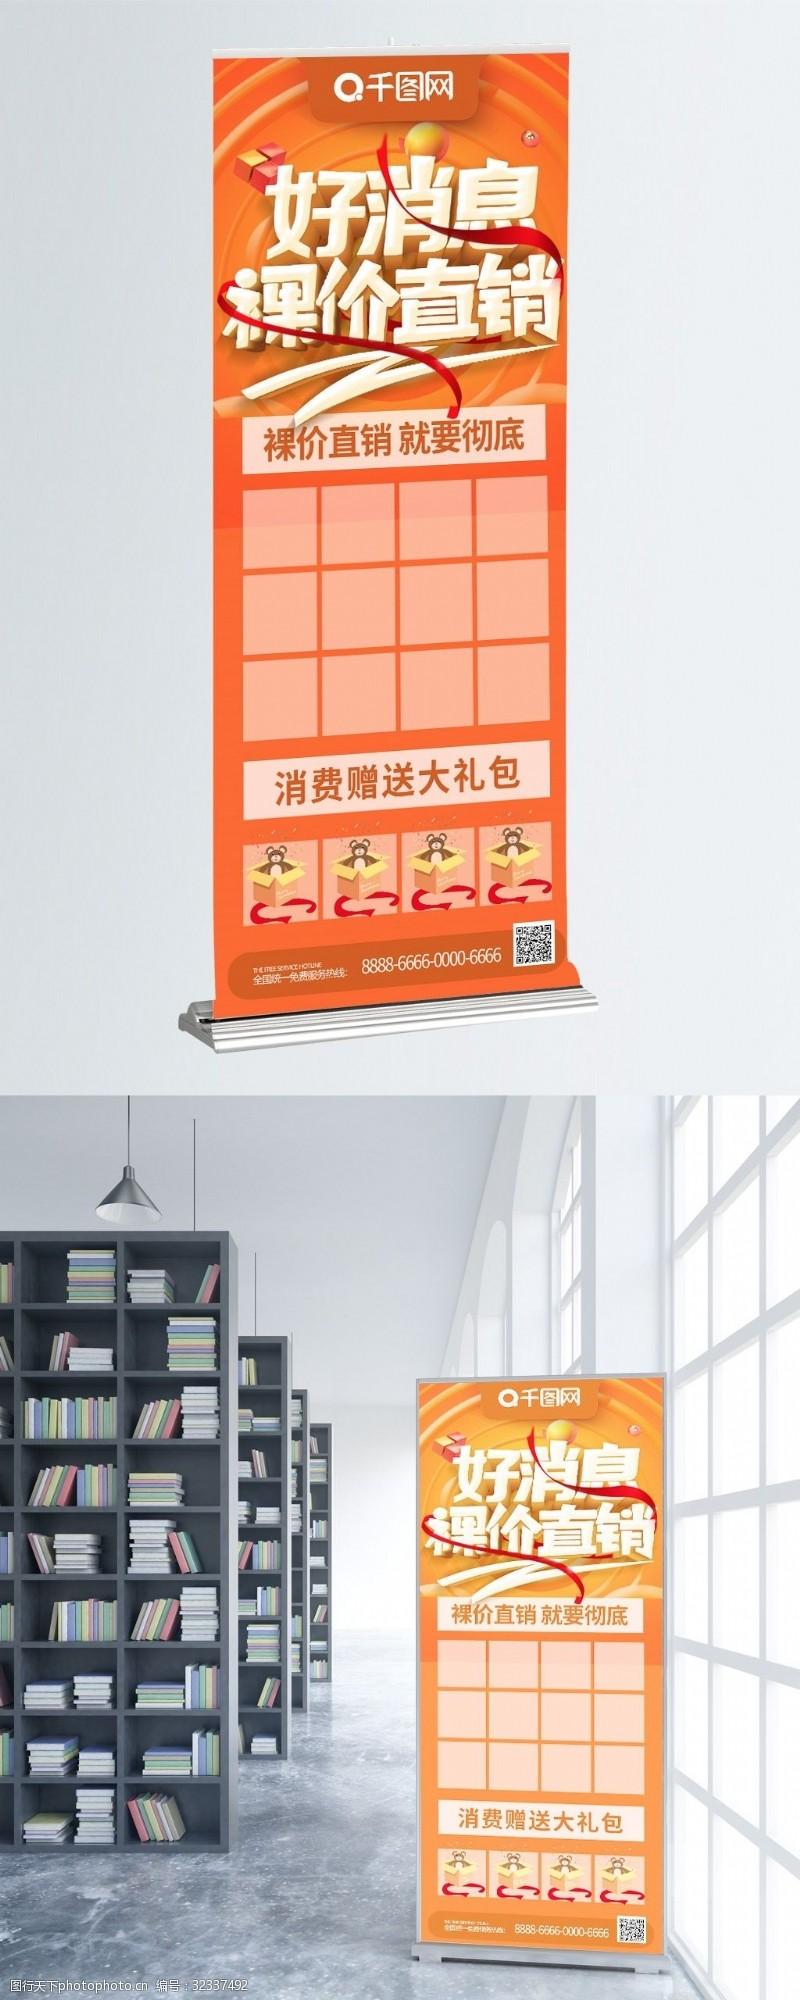 橙色立体字好消息裸价直销促销展架